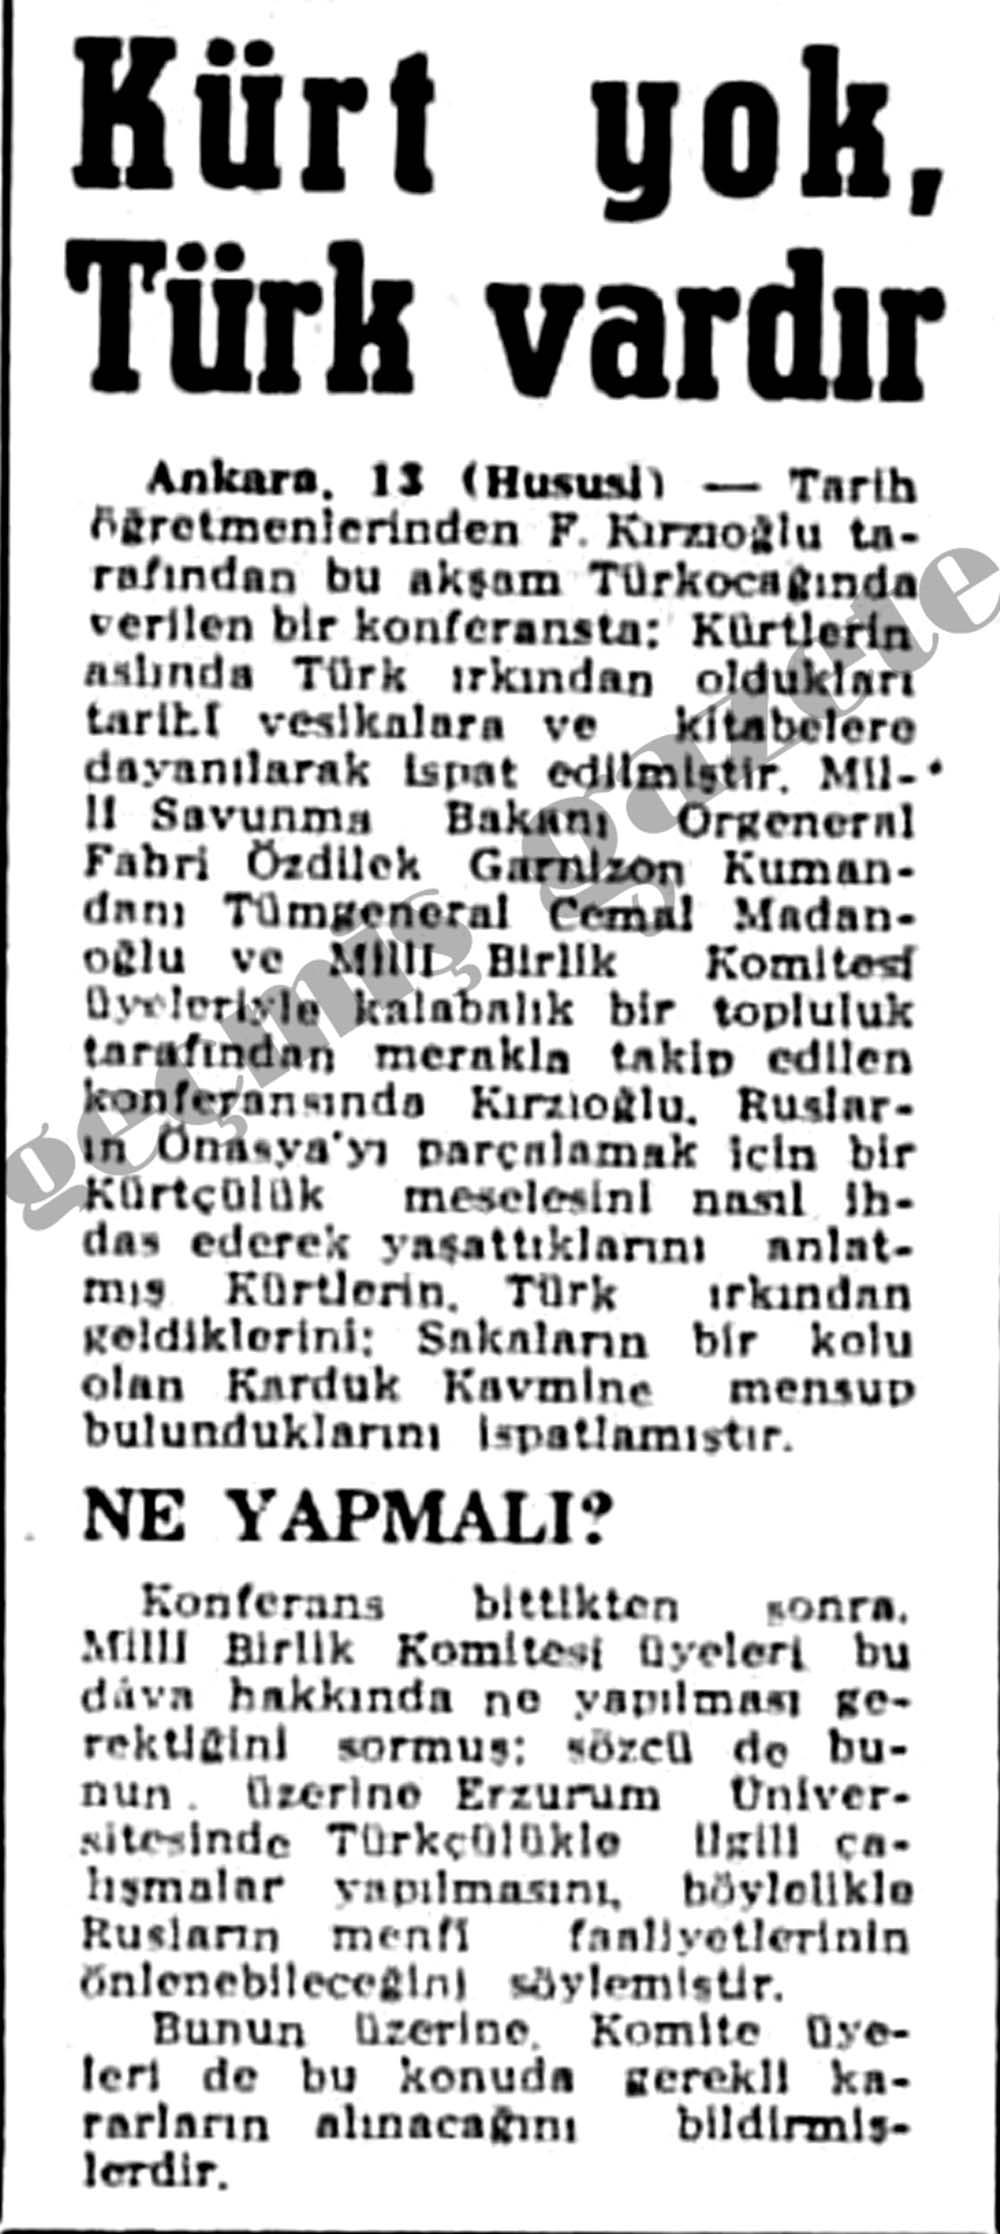 Kürt yok, Türk vardır